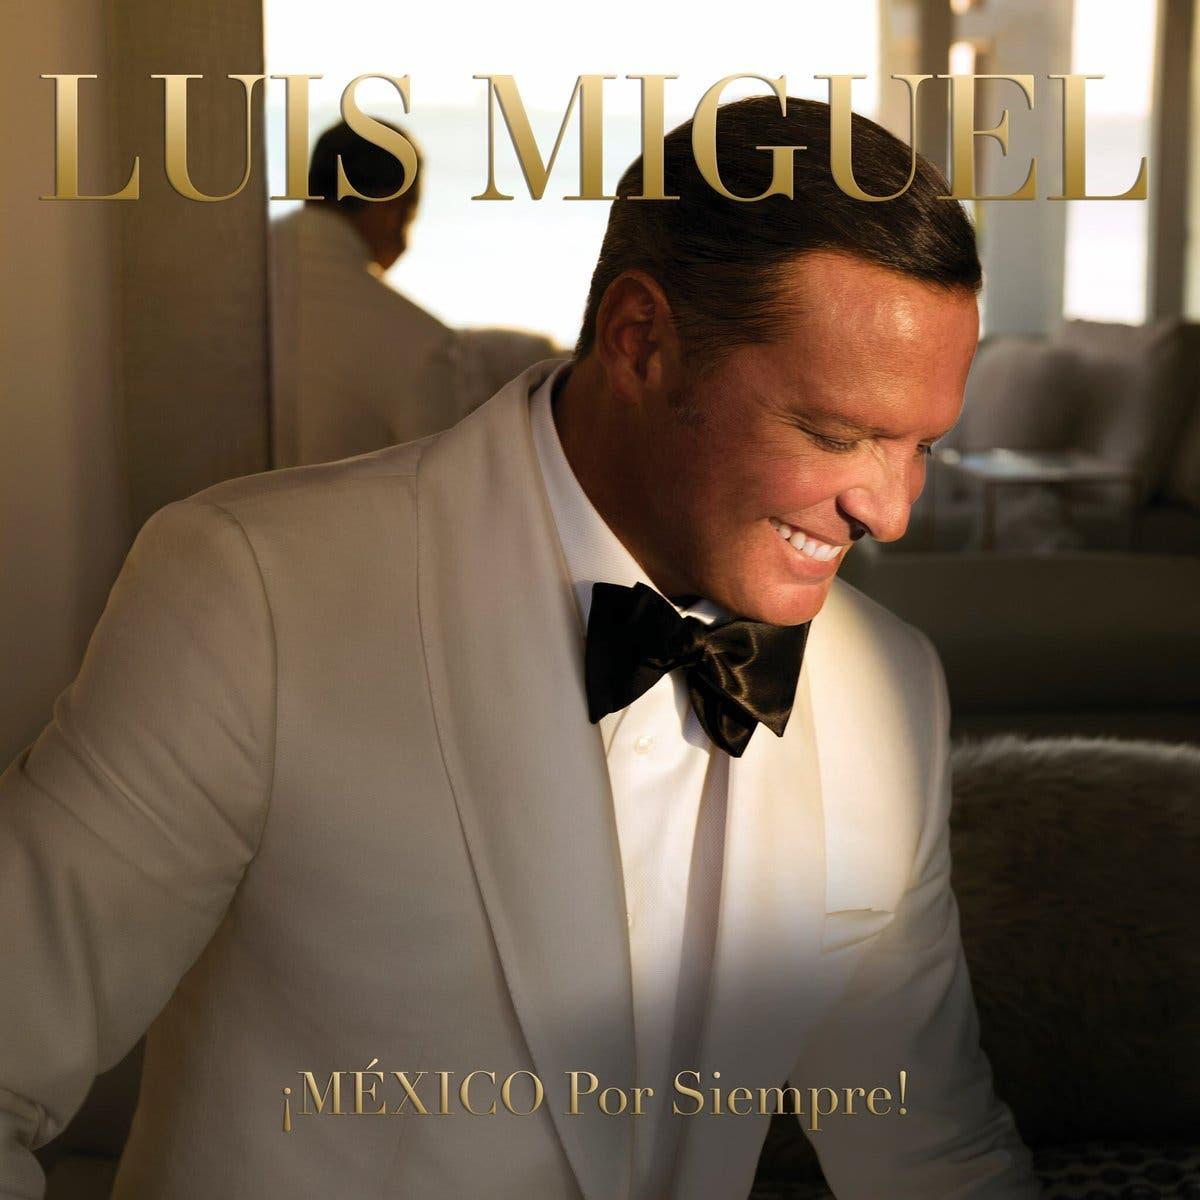 """Tras siete años en """"silencio"""" , Luis Miguel regresa a la música con  """"¡México por siempre!"""""""